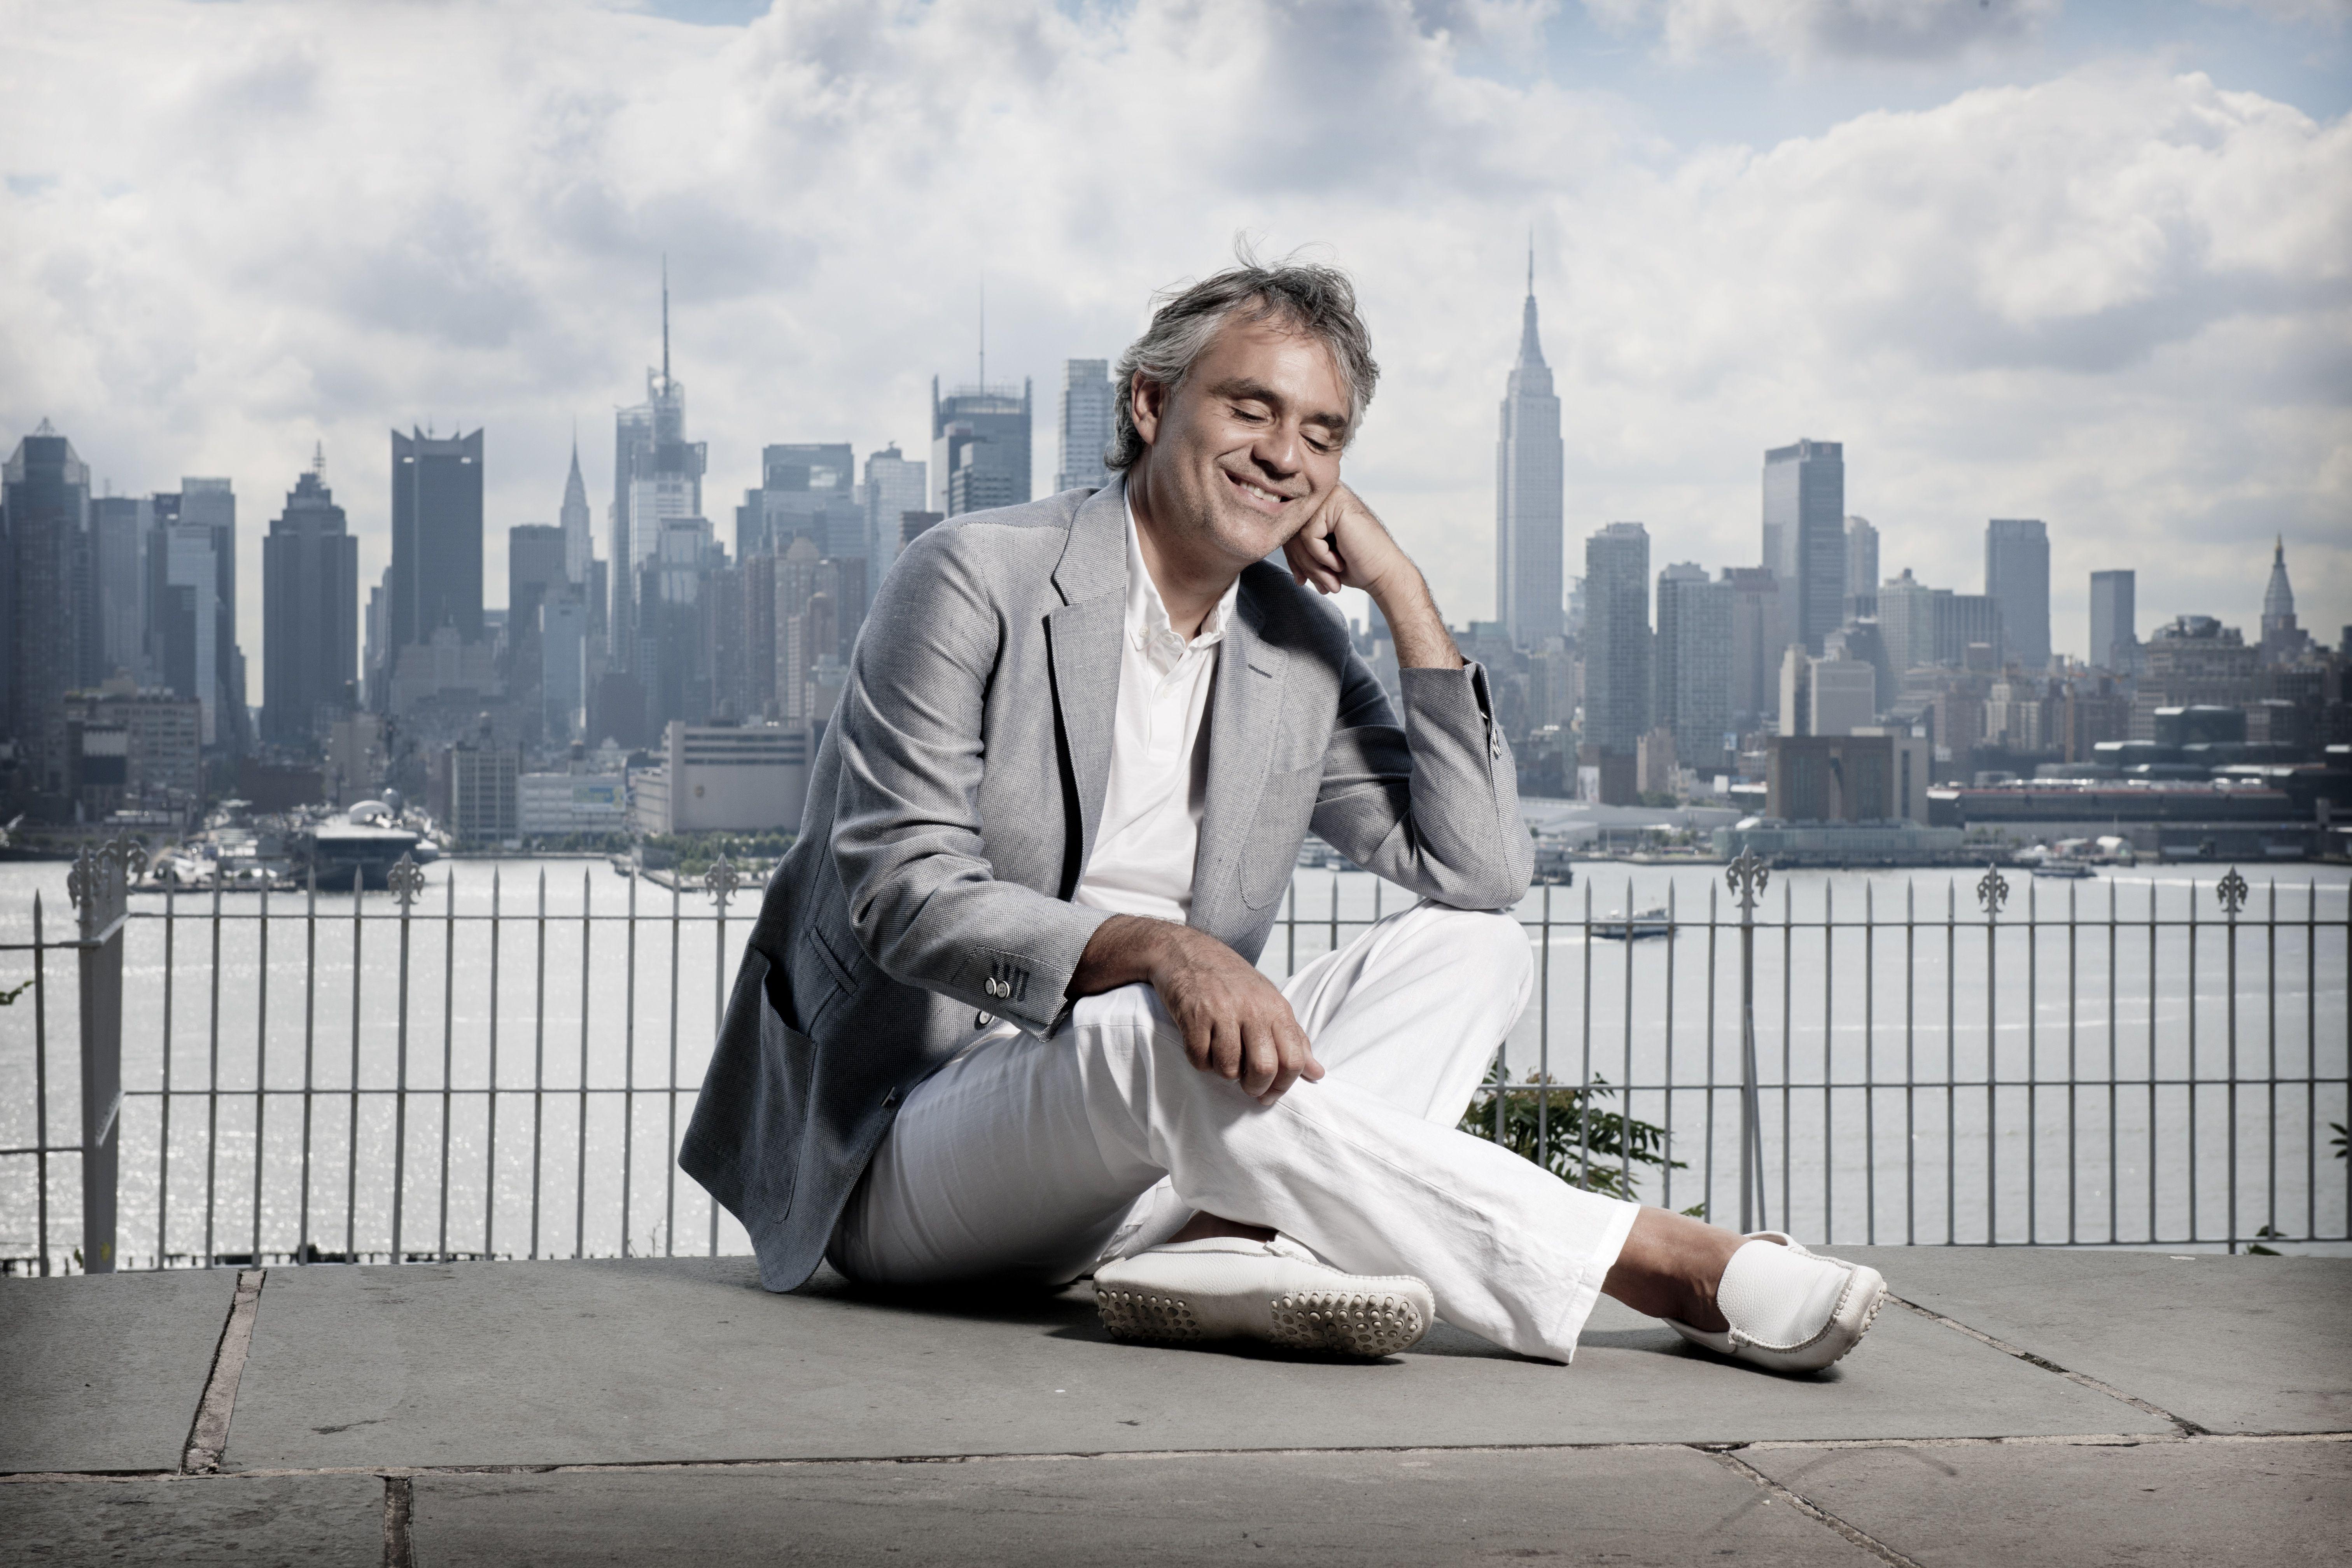 Andrea Bocelli improvvisa concerto a New York per senzatetto